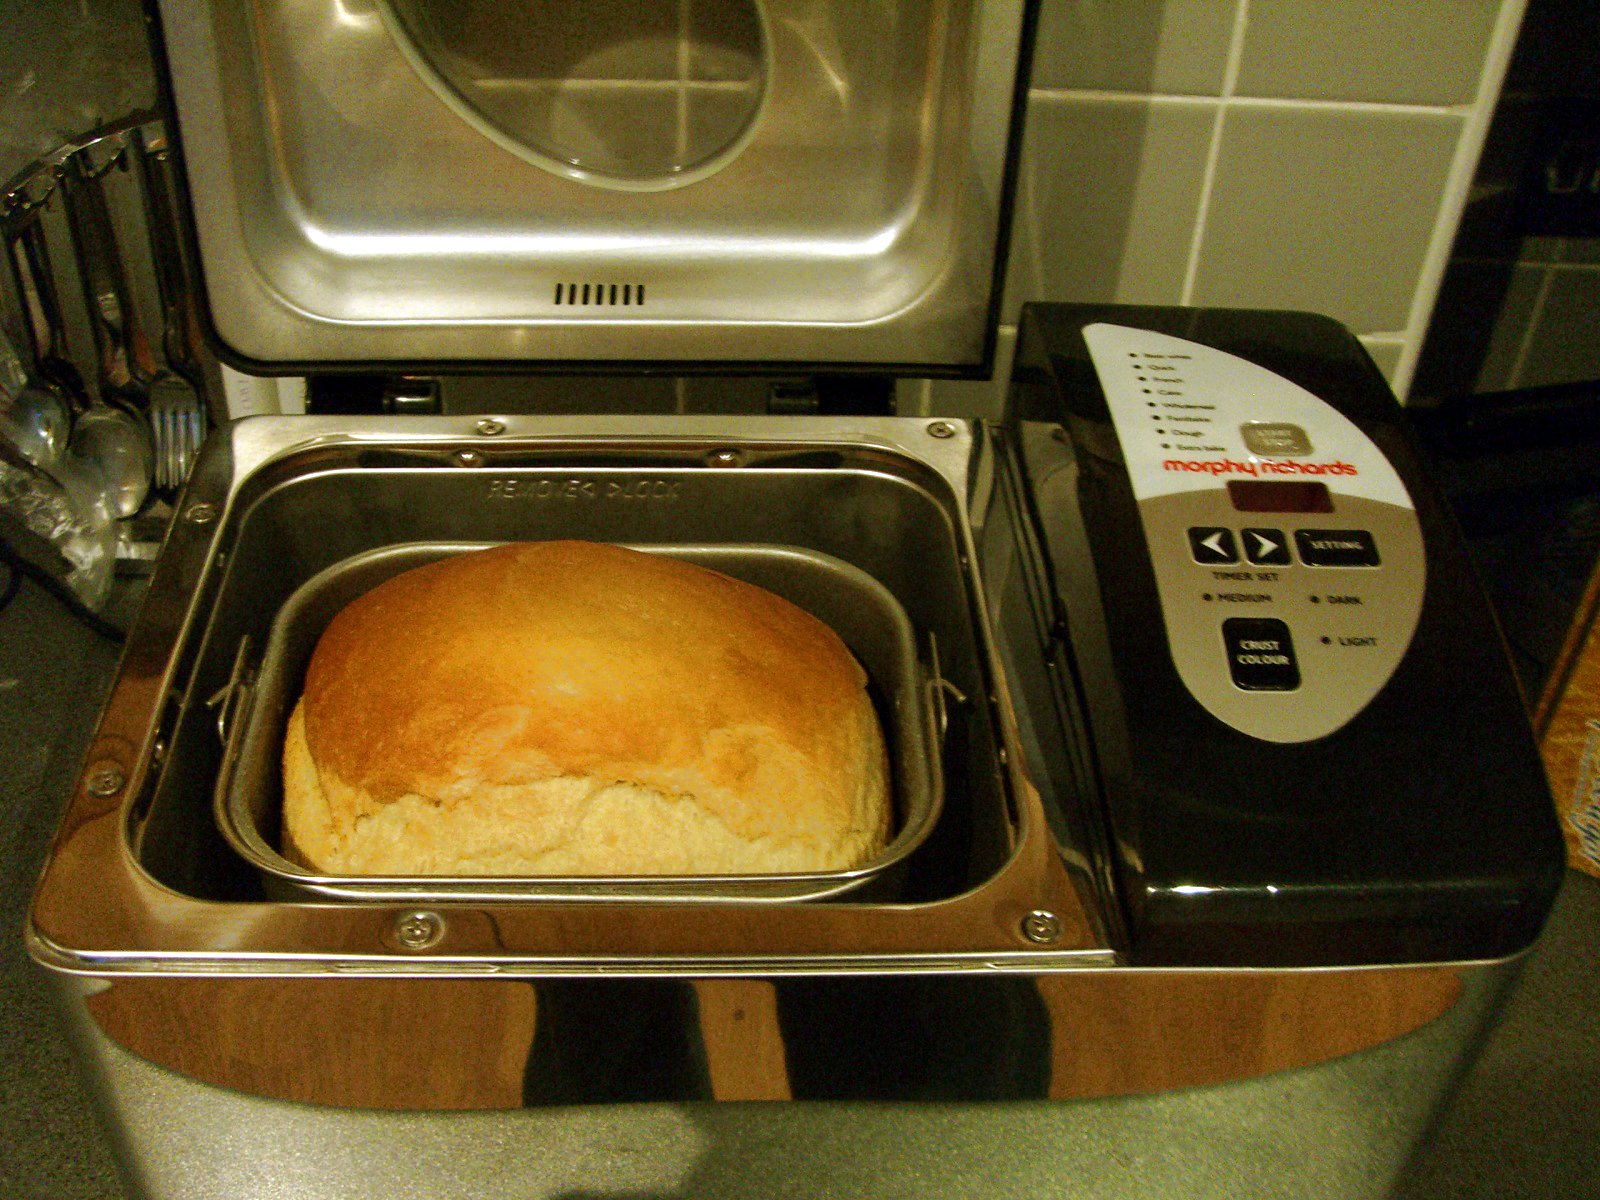 Making_bread_in_bread_machine.jpg